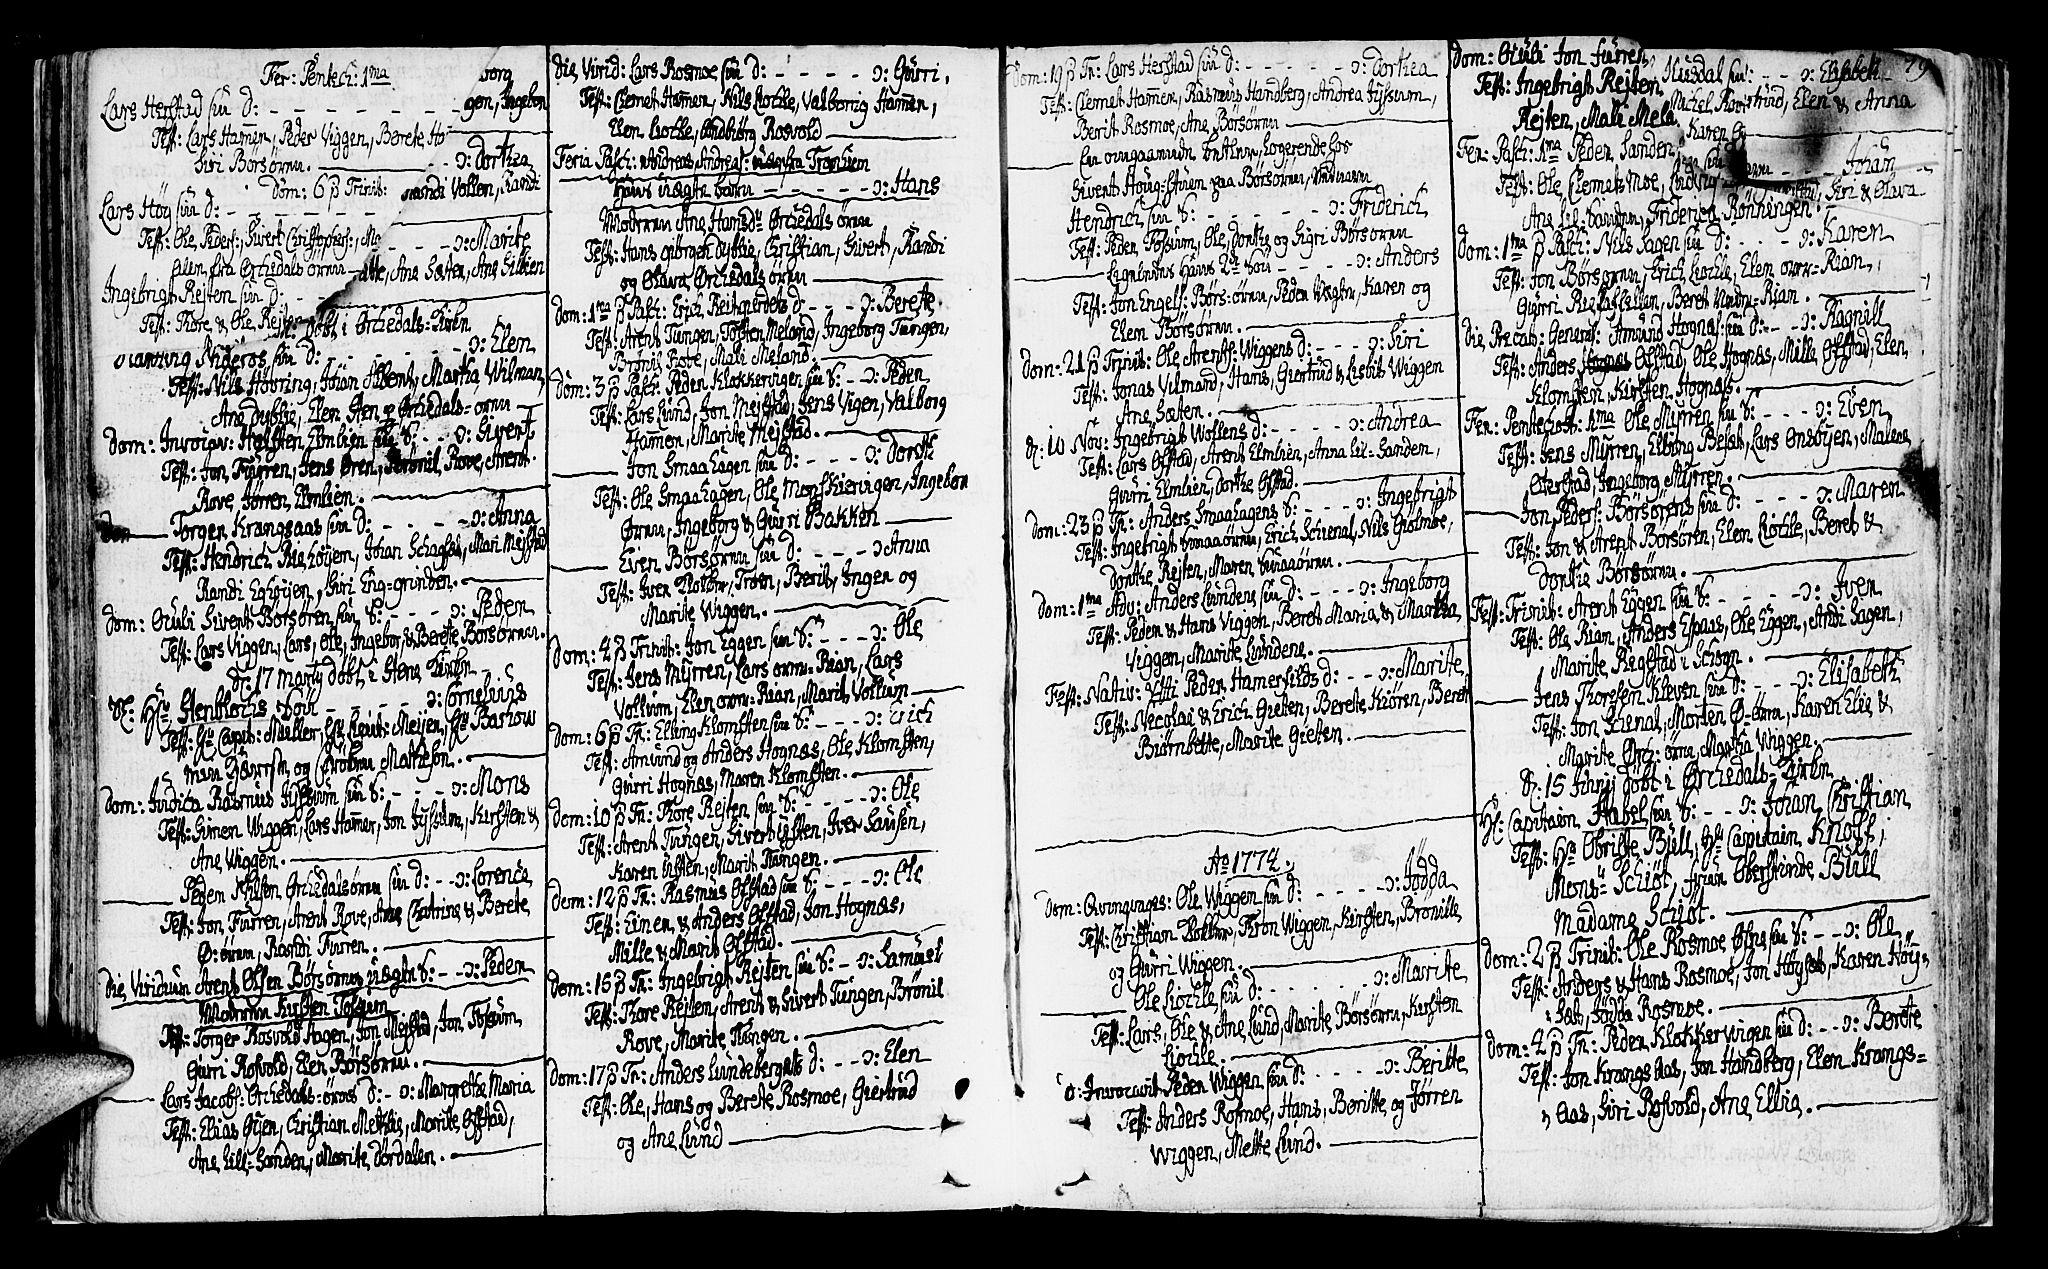 SAT, Ministerialprotokoller, klokkerbøker og fødselsregistre - Sør-Trøndelag, 665/L0768: Ministerialbok nr. 665A03, 1754-1803, s. 77